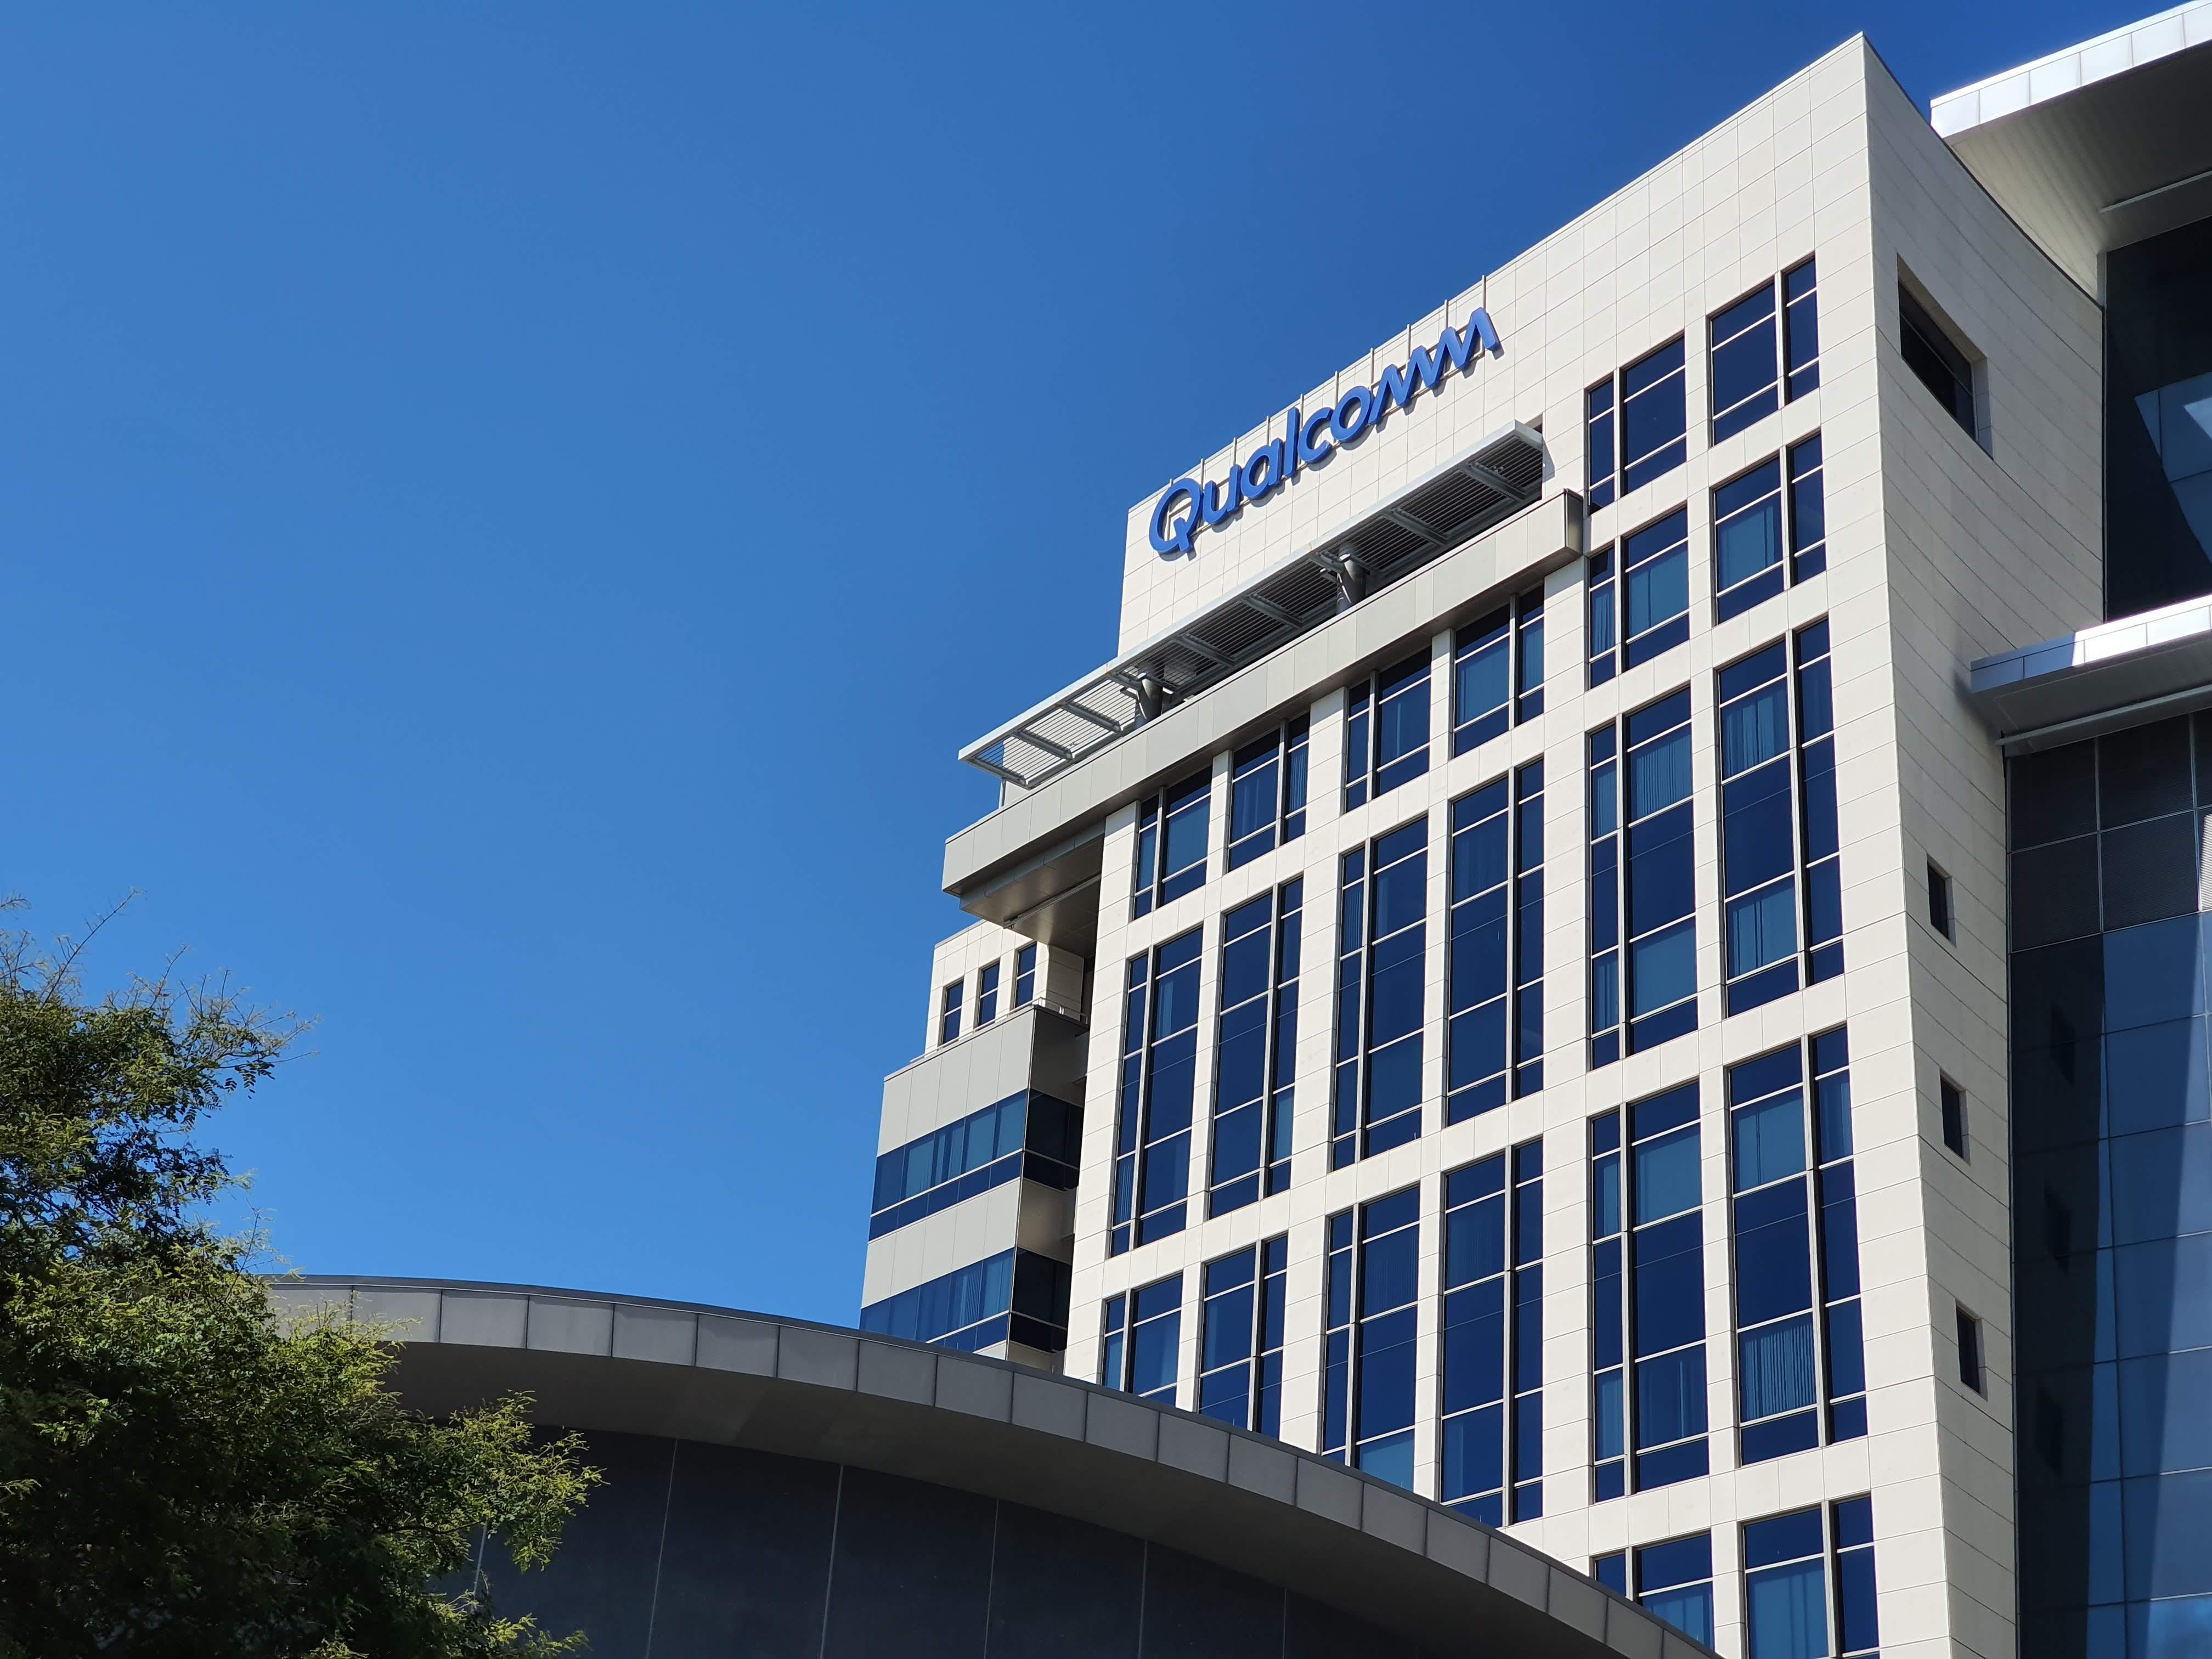 COVID-19 : en difficulté, Qualcomm prévoit une baisse massive des ventes de smartphones